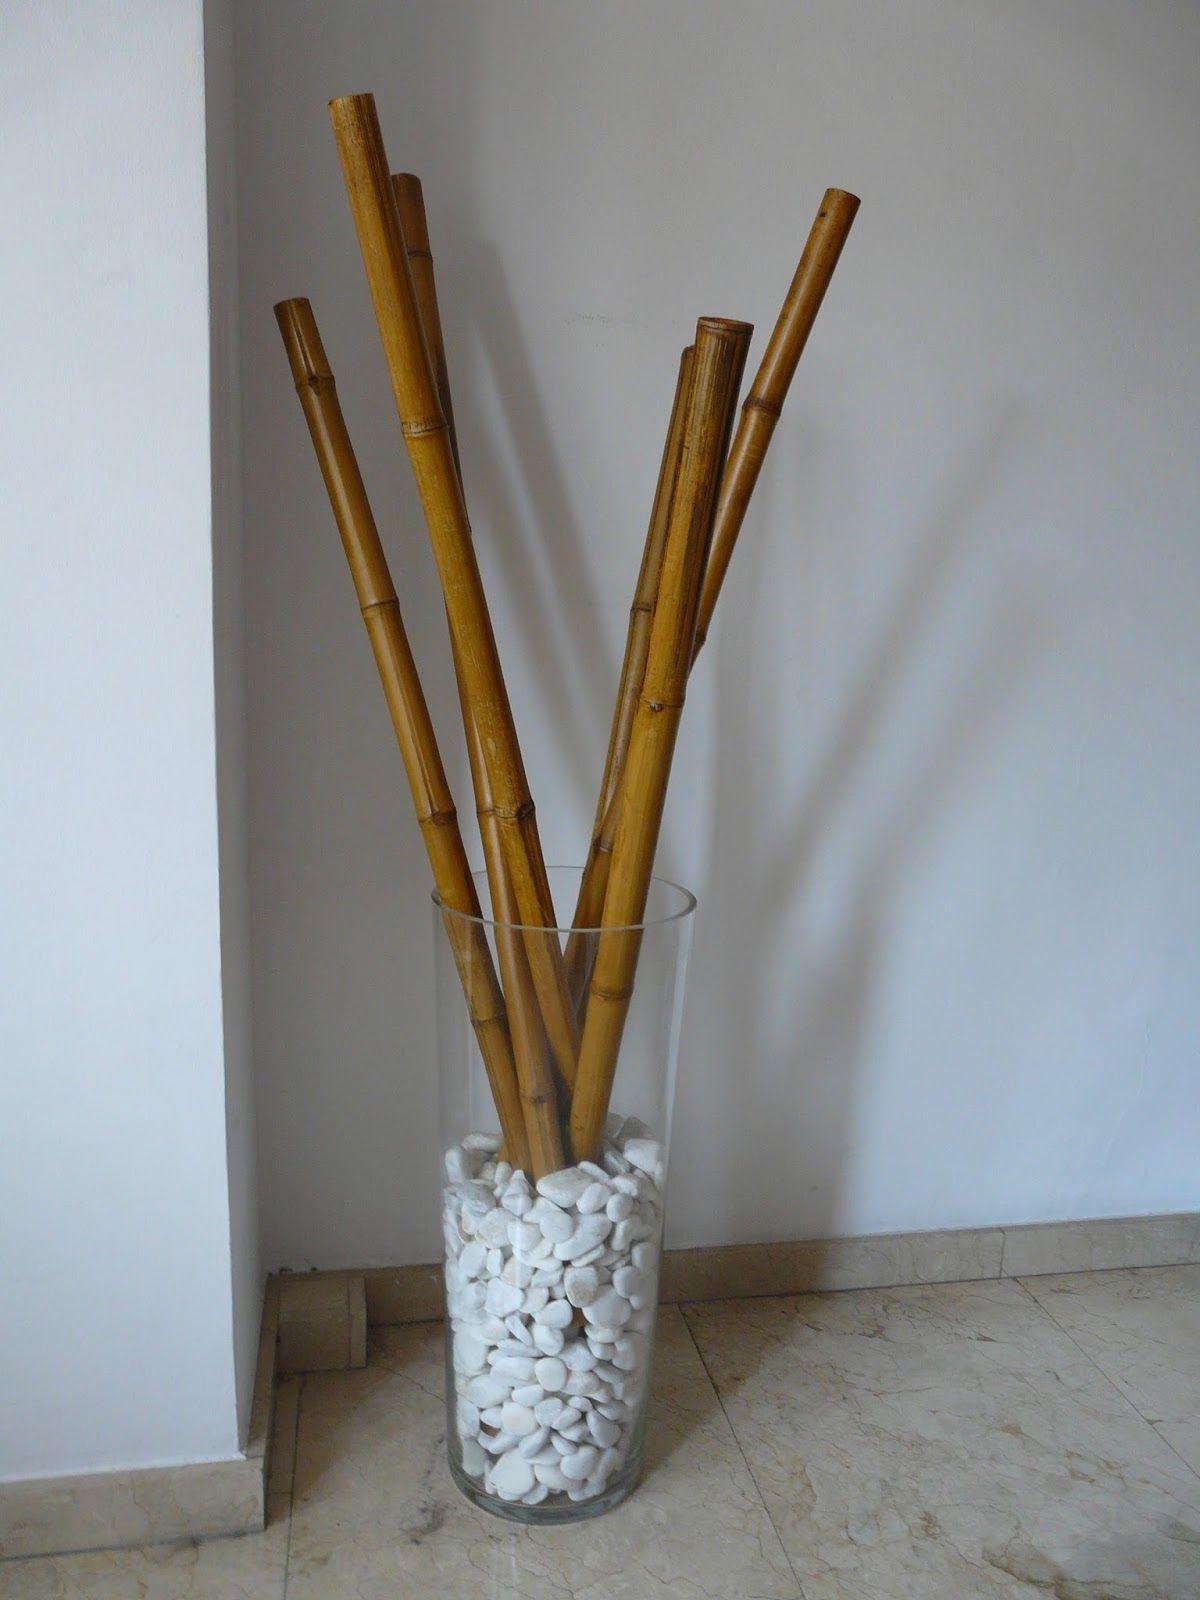 Jarrones con piedras buscar con google decore - Jardineras con bambu ...